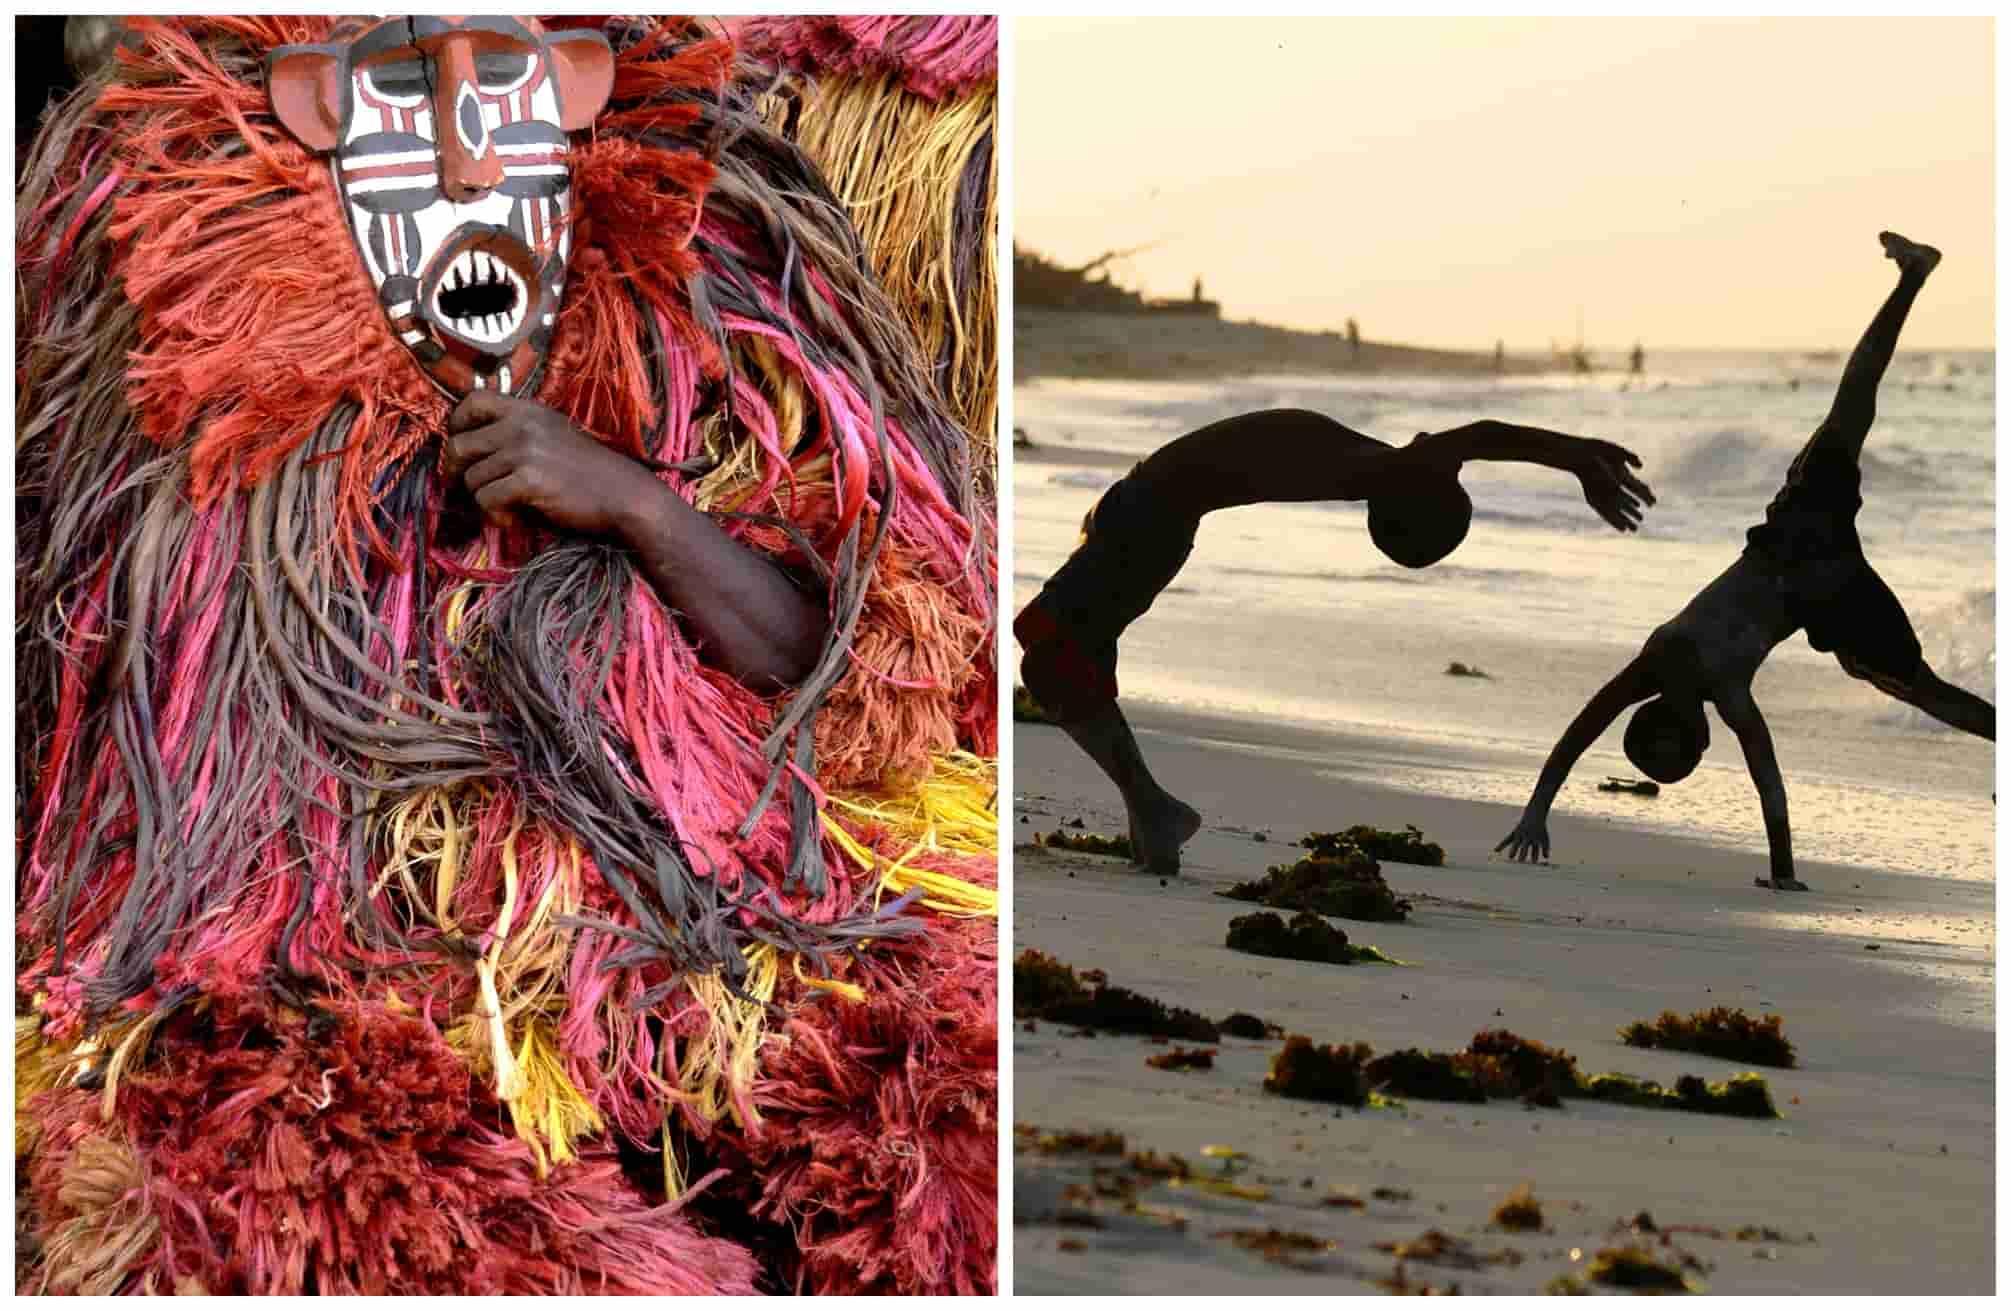 Voyage en Tanzanie - Coutumes tanzaniennes - Amplitudes